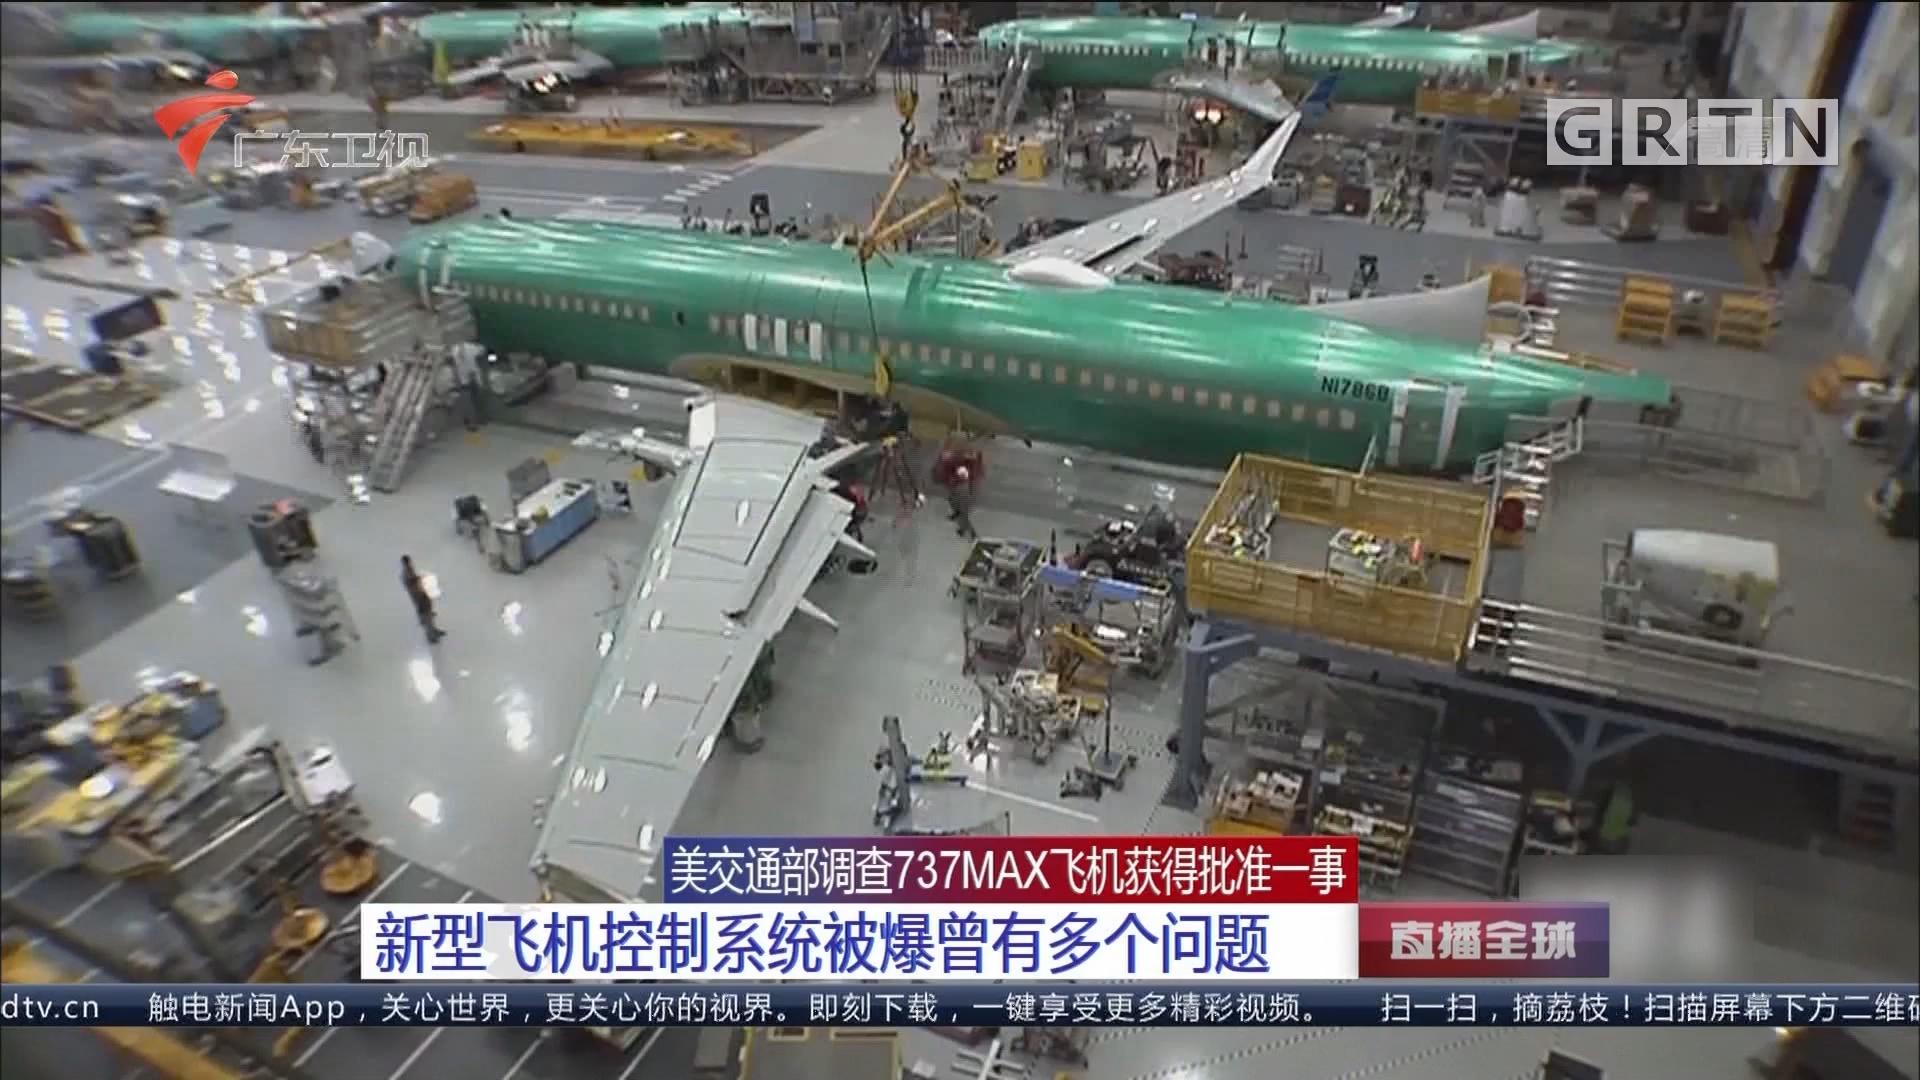 美交通部调查737MAX飞机获得批准一事:新型飞机控制系统被爆曾有多个问题